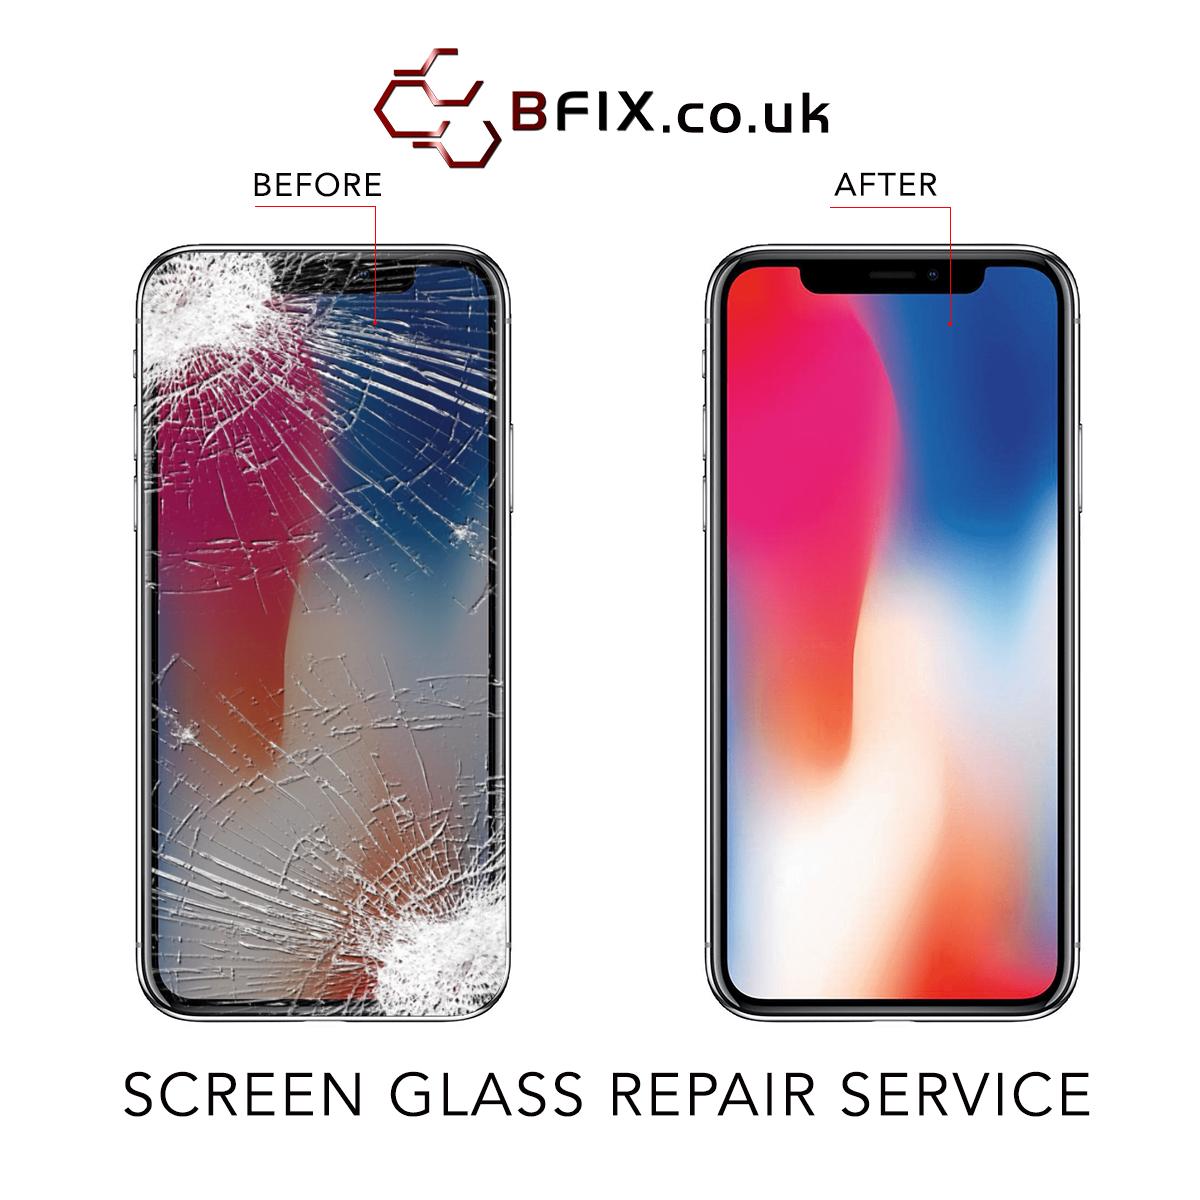 Bfix - Phone Repair, LCD Refurbishing & Parts